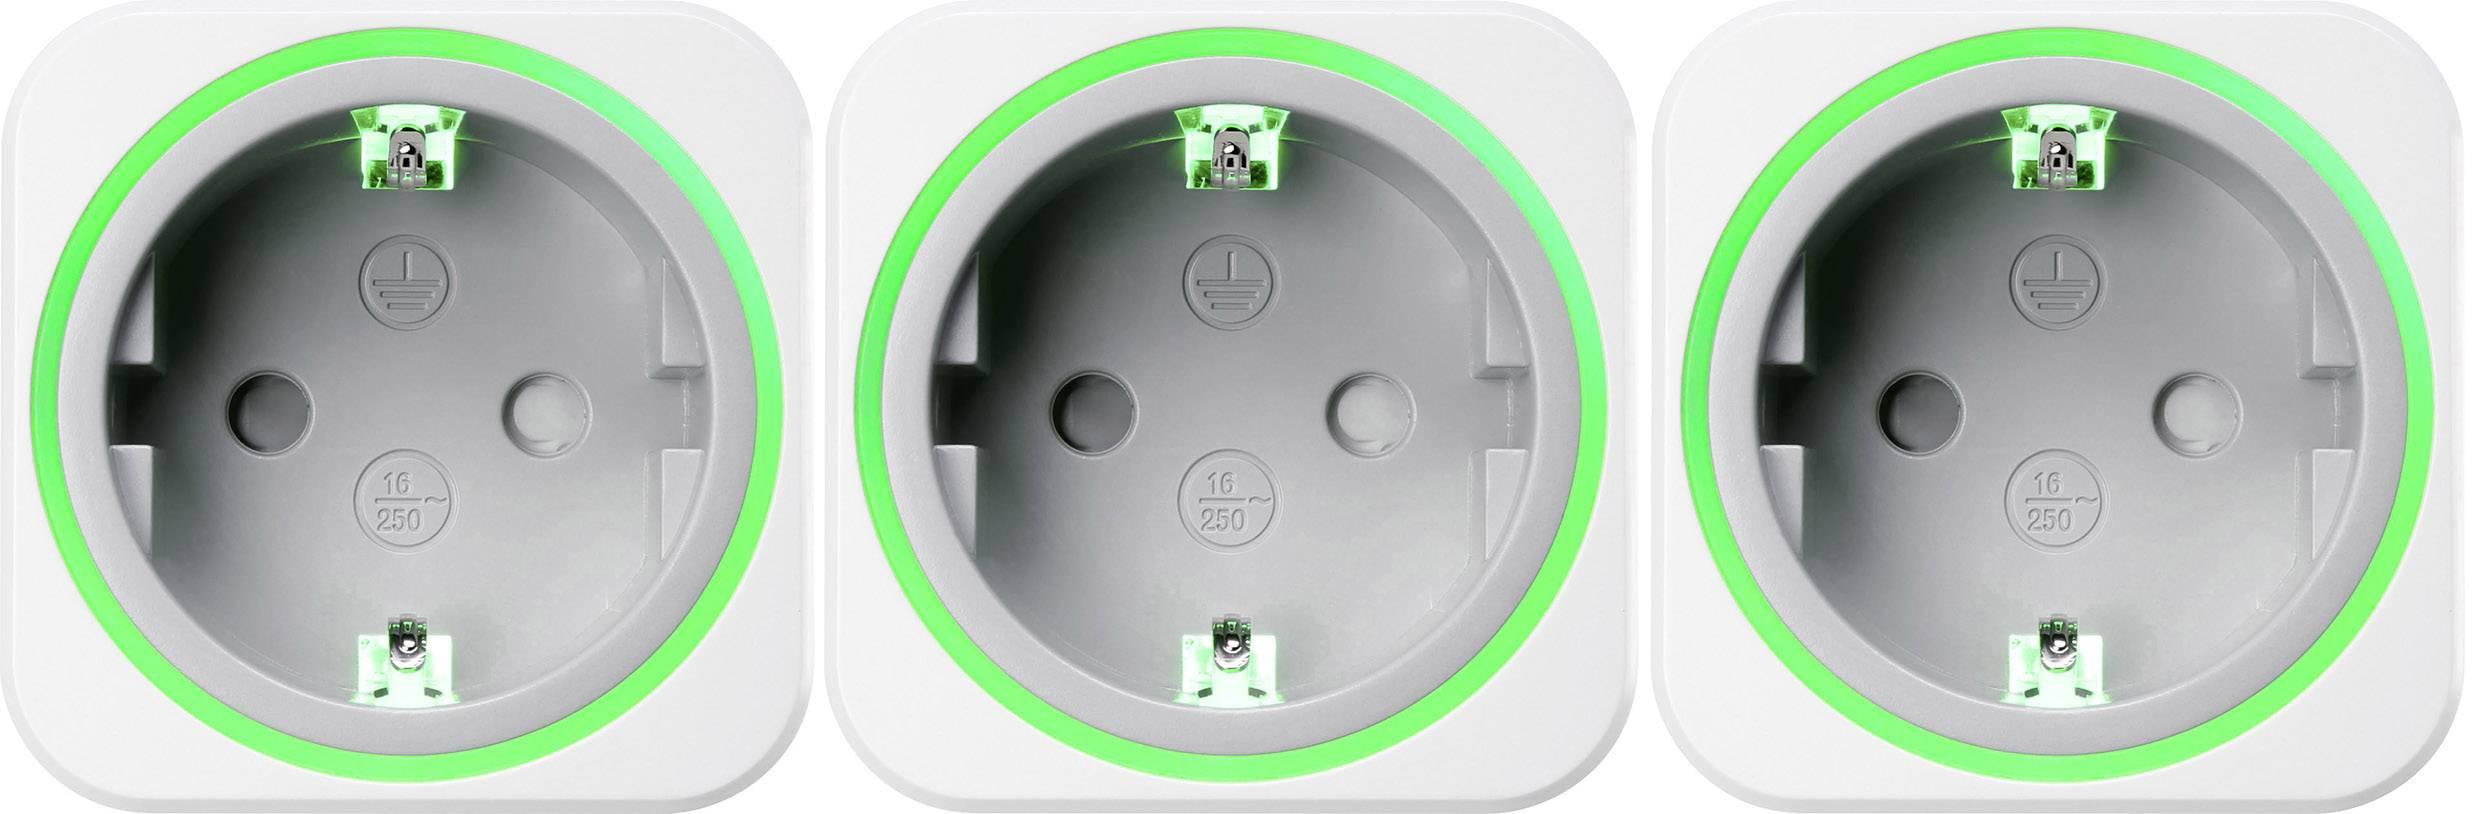 Merač spotreby el.energie VOLTCRAFT SEM6000, SEM6000